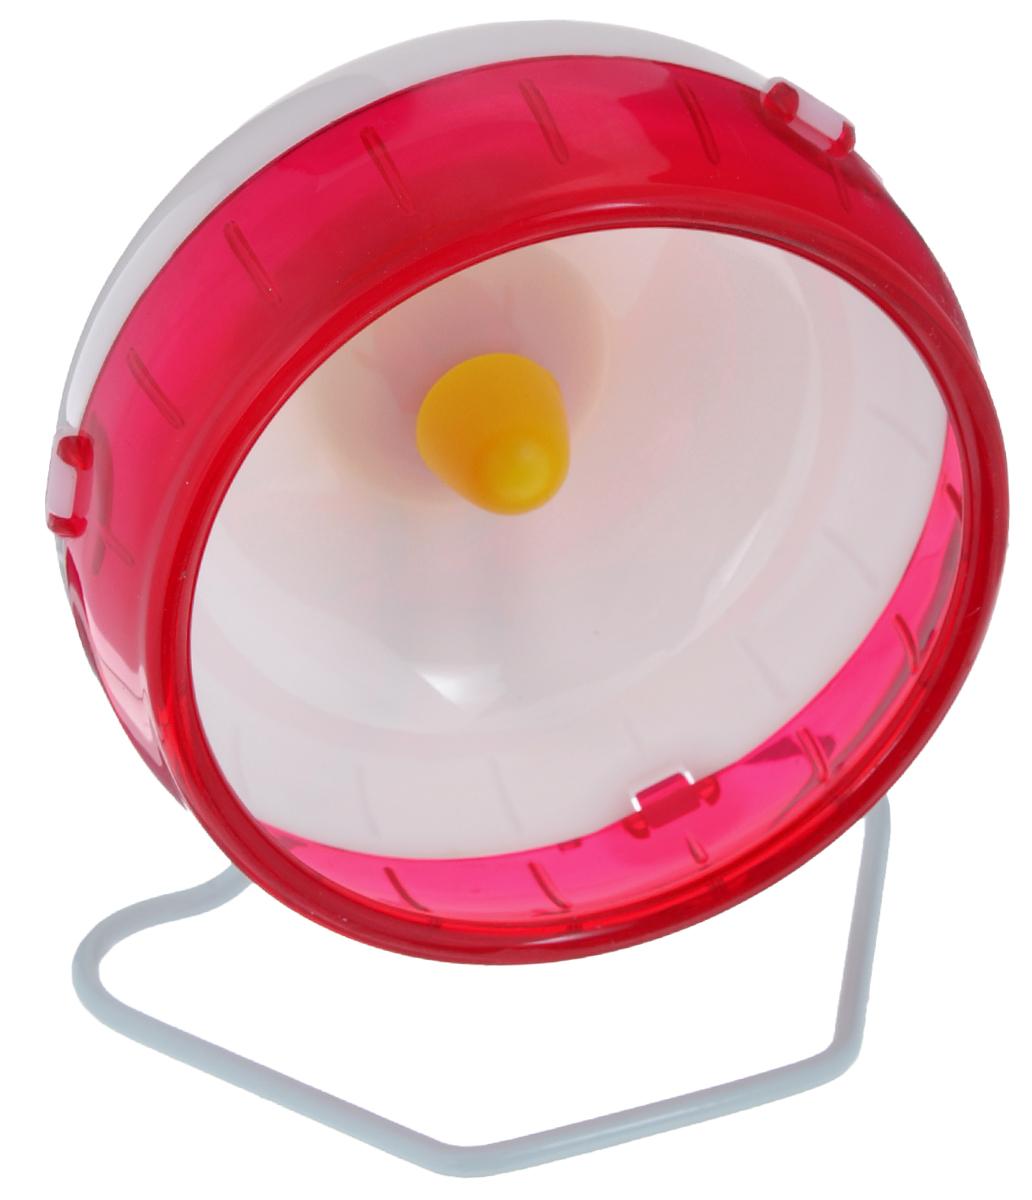 Колесо для грызунов I.P.T.S., цвет: белый, красный, диаметр 12 см25850_красныйКолесо для грызунов I.P.T.S., выполненное из прочного пластик и металла, очень удобное и бесшумное, с высоким уровнем безопасности. Поместив его в клетку, вы обеспечите своему питомцу необходимую физическую активность. Сплошная внутренняя поверхность без щелей убережет хомячка от возможных травм. Можно установить на подставку или прикрепить к решетке. Предназначено для карликовых хомяков и мышей. Диаметр колеса: 12 см.